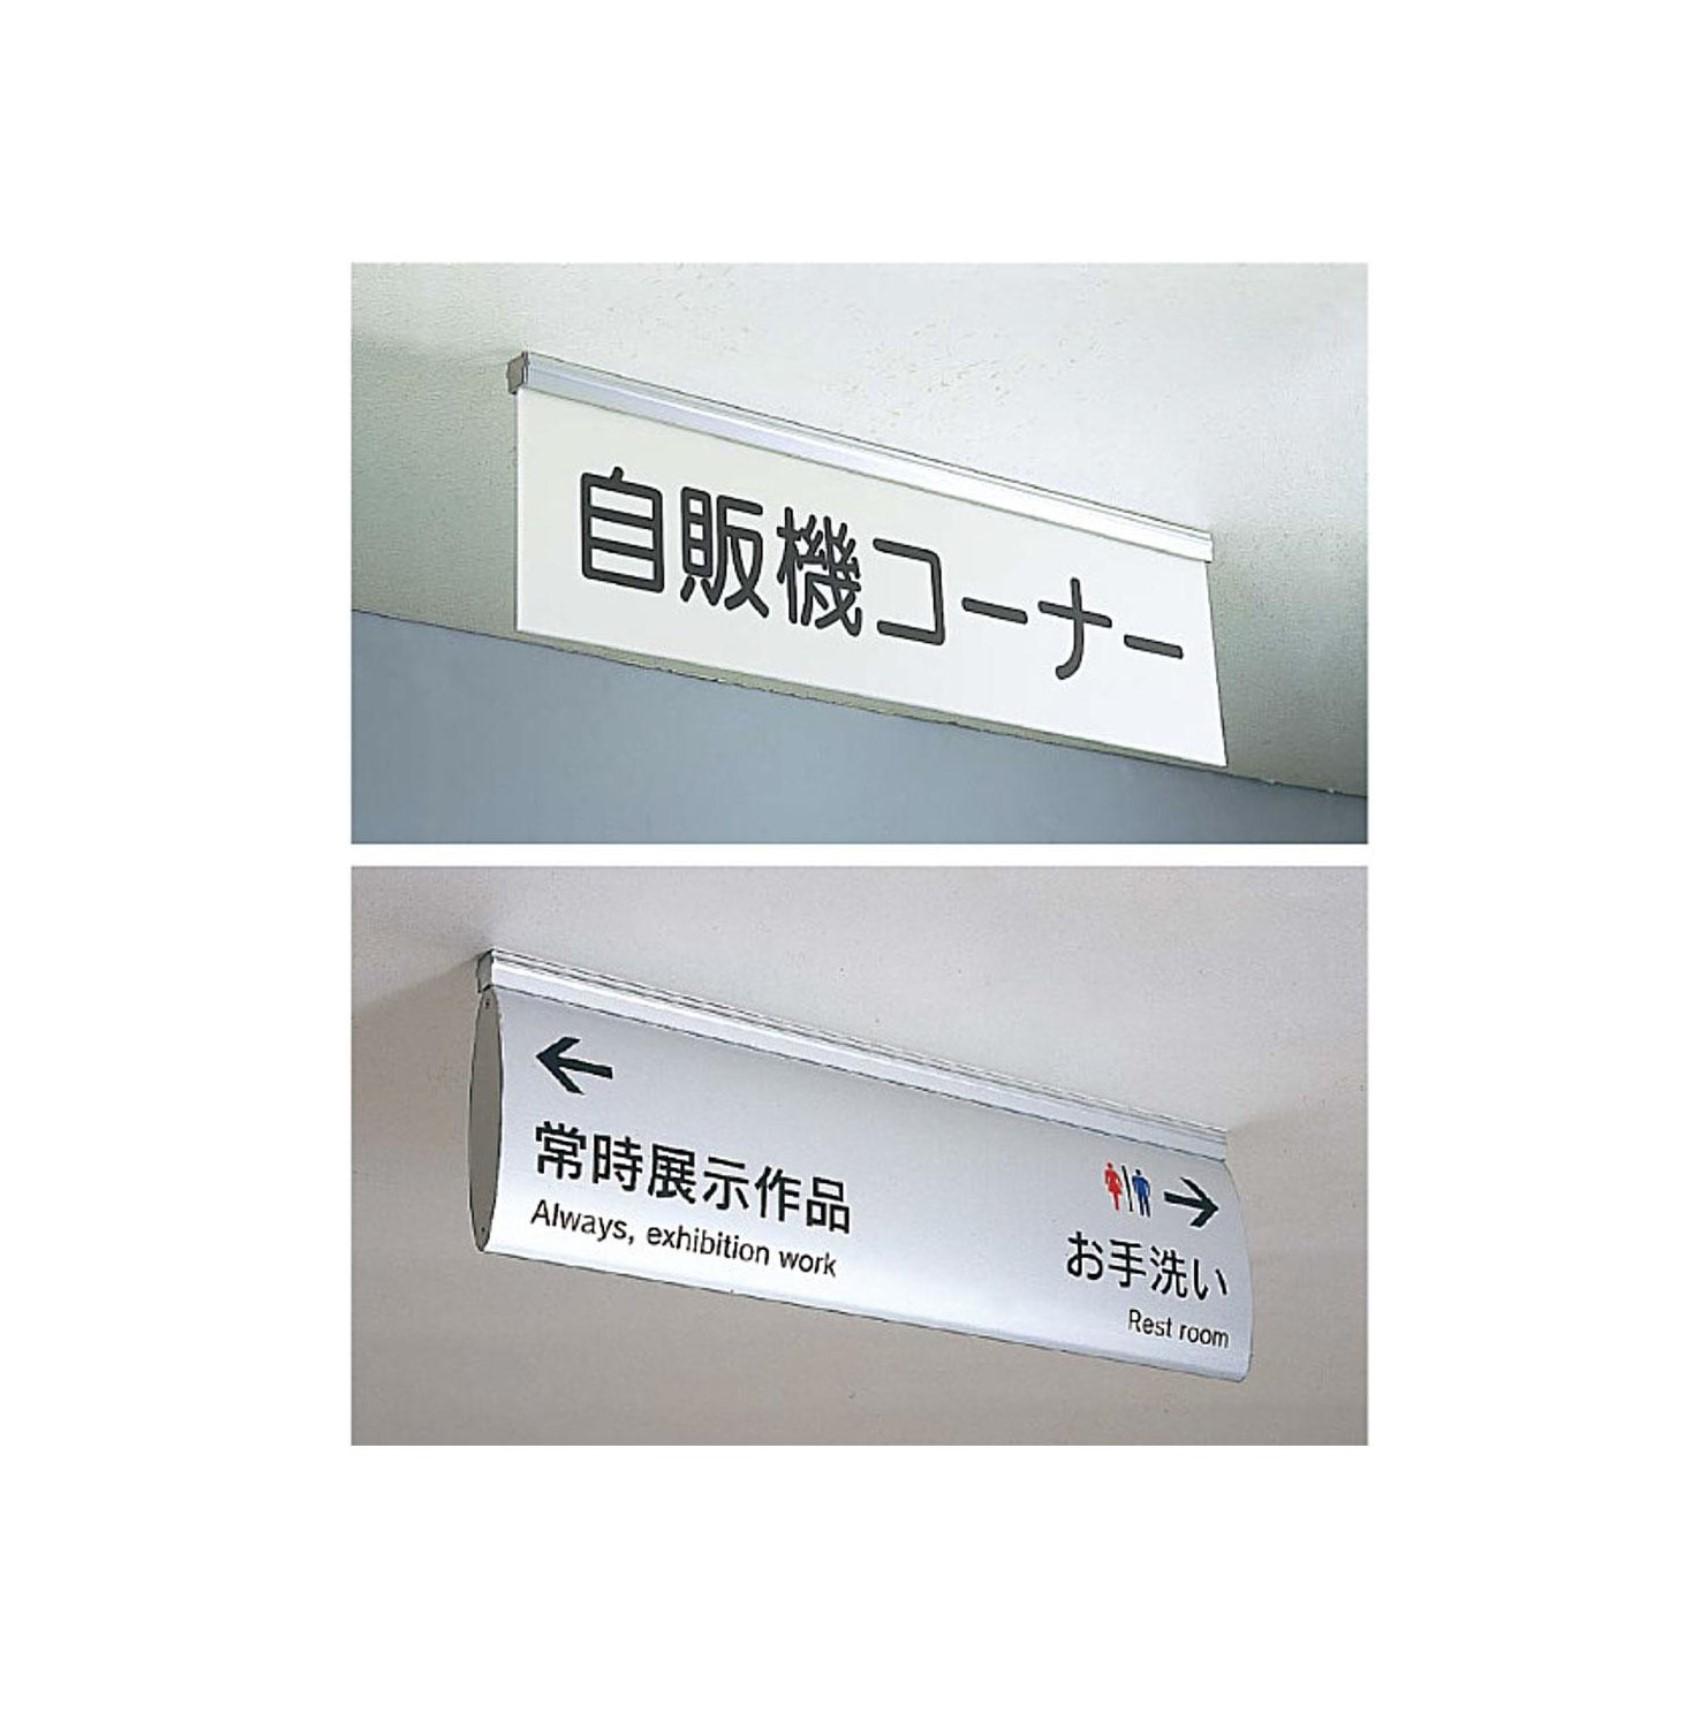 ピクトサインのFAT・FVTタイプ